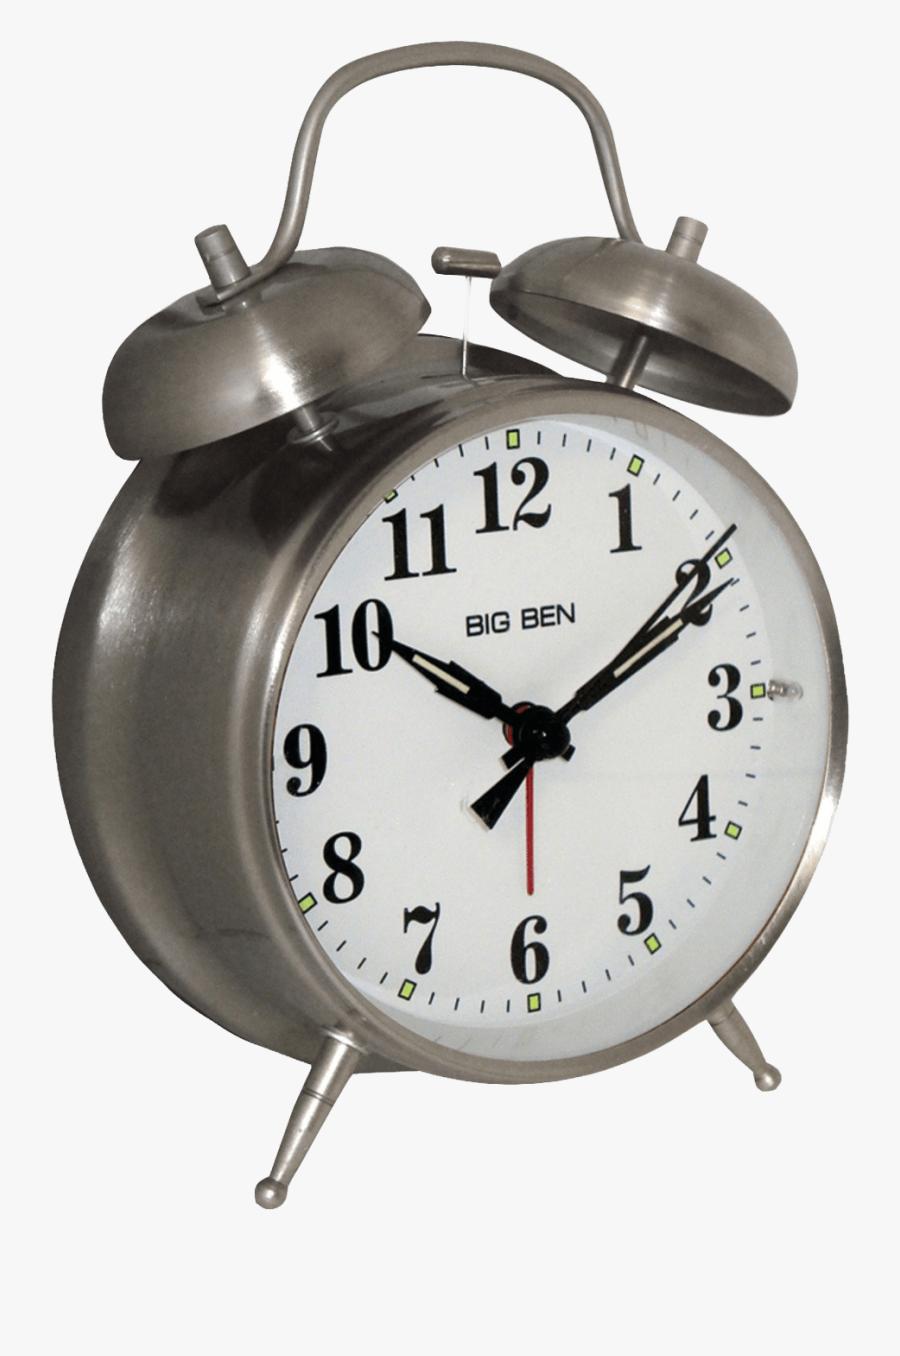 Alarm Clock Png - Bell Alarm Clock, Transparent Clipart